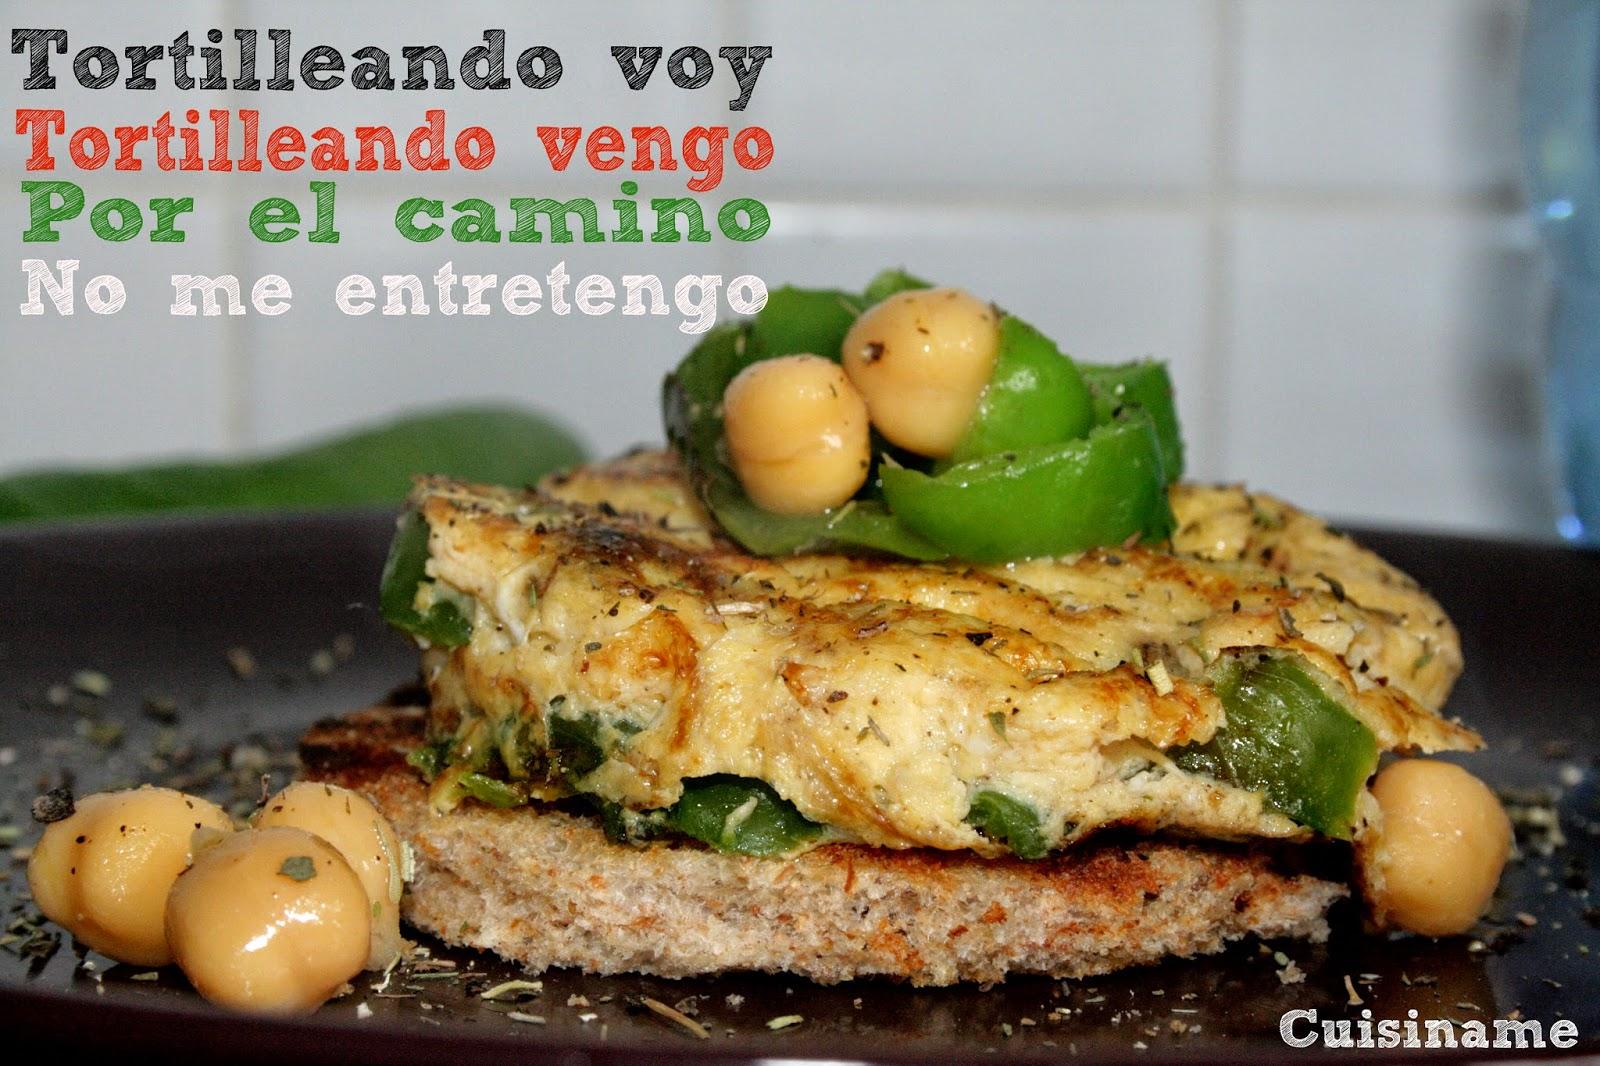 receta tortillas, tortillas, tortilla rellena, tortilla con pimientos, recetas de cocina, recetas originales, recetas fáciles, recetas ligeras